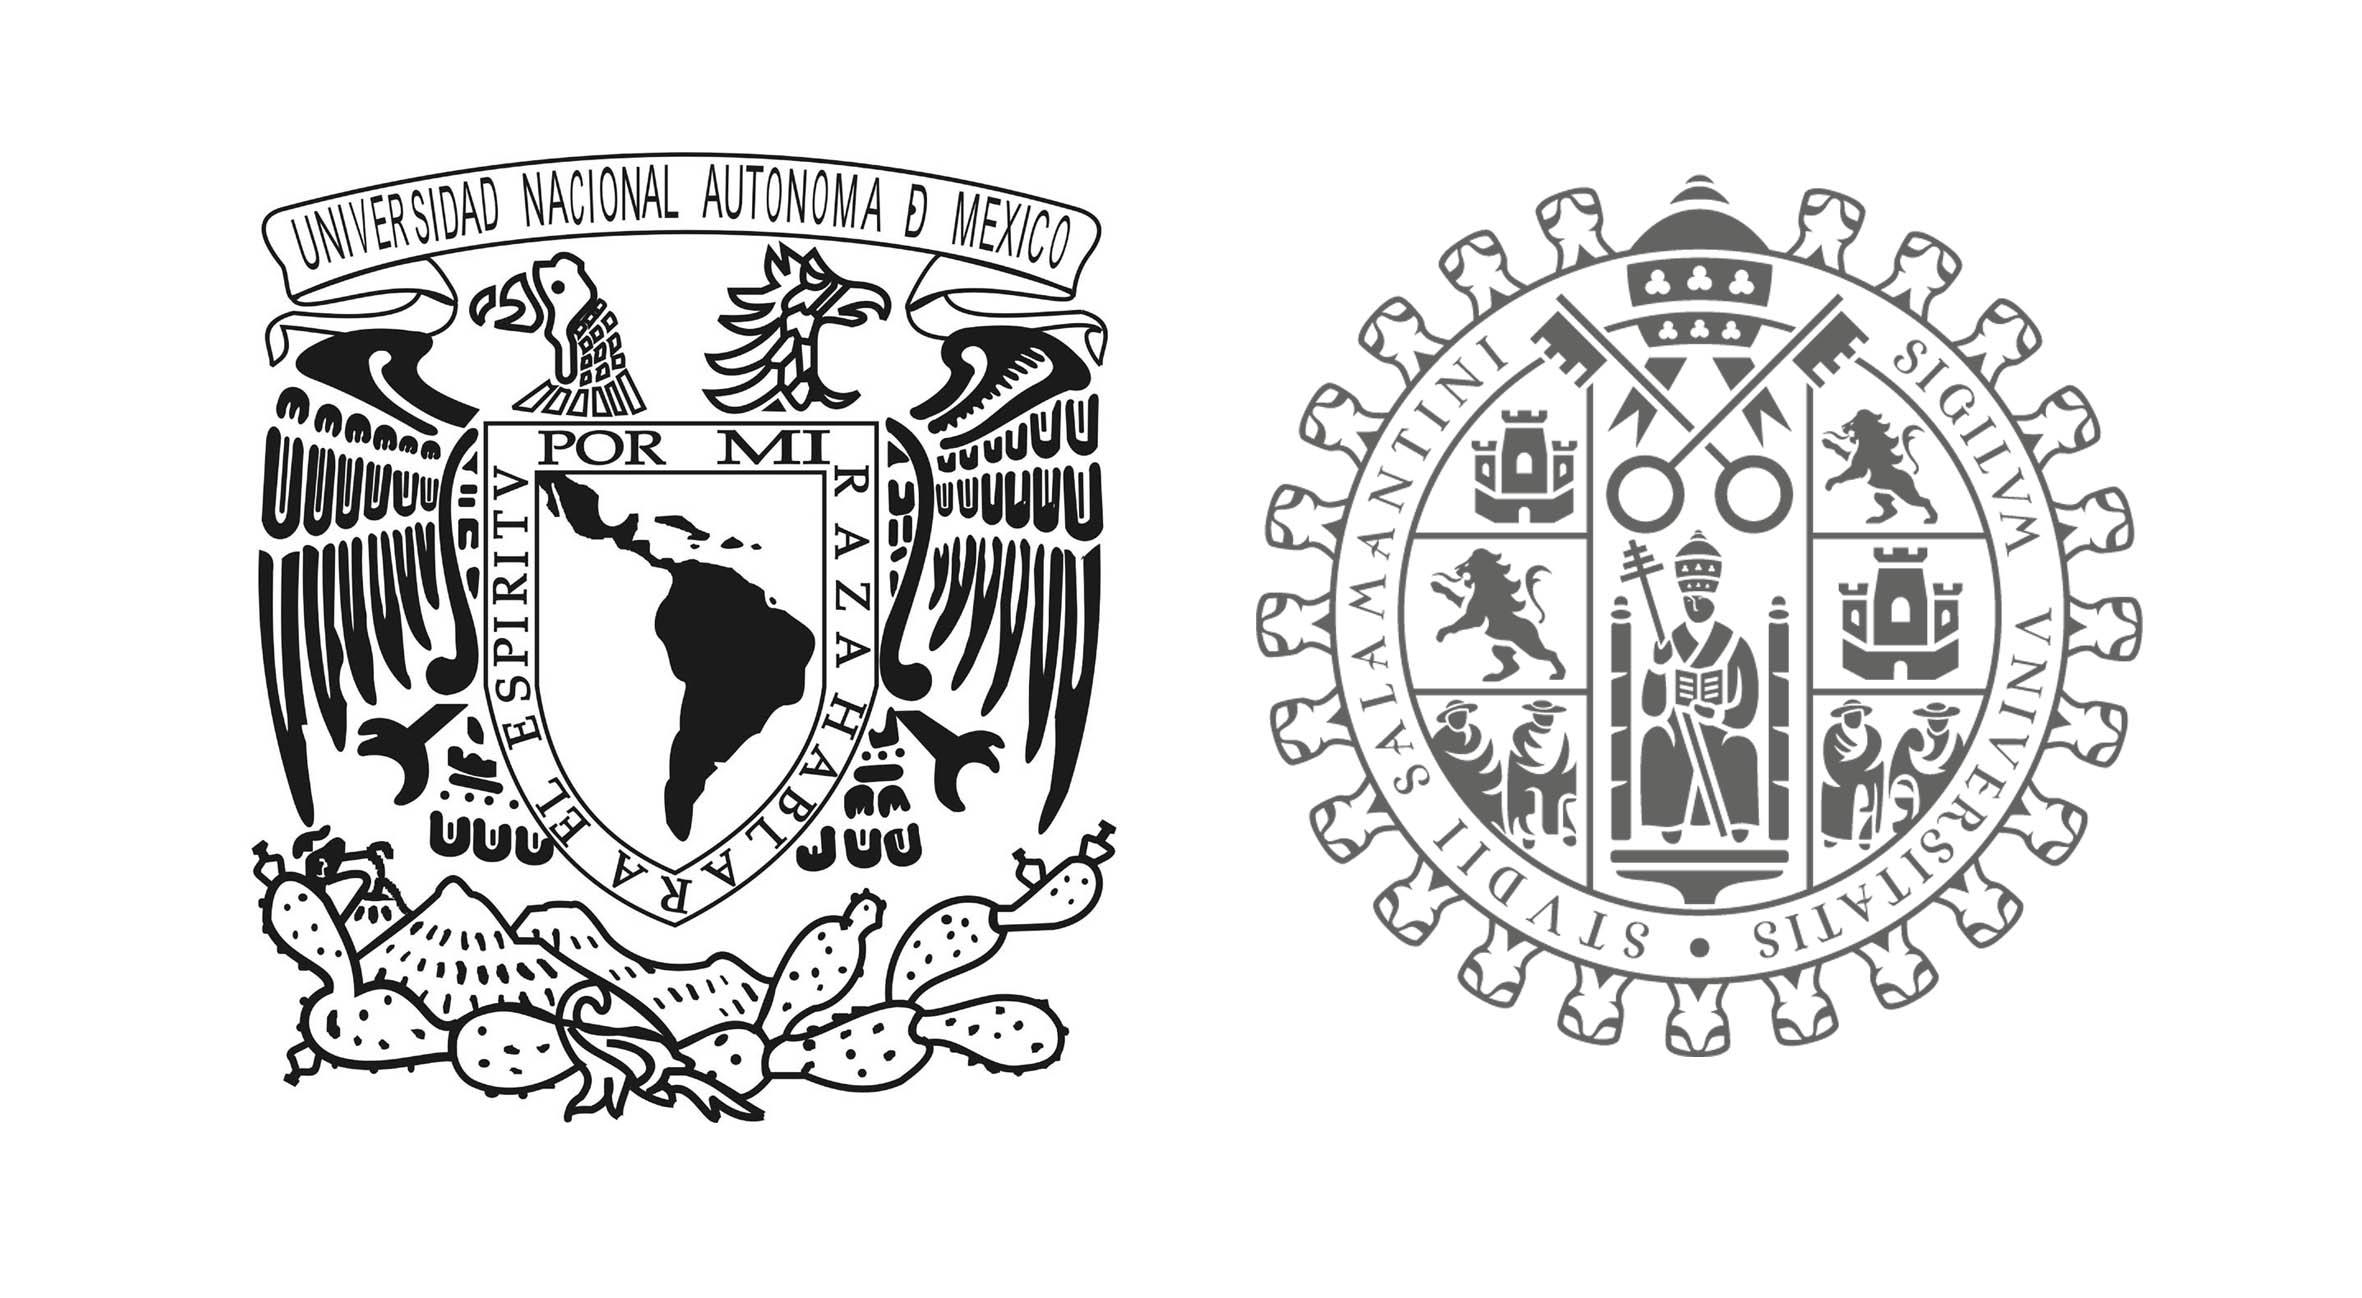 ACUERDAN LA UNAM Y LA UNIVERSIDAD DE SALAMANCA DIRIGIR TESIS DOCTORALES DE MANERA CONJUNTA